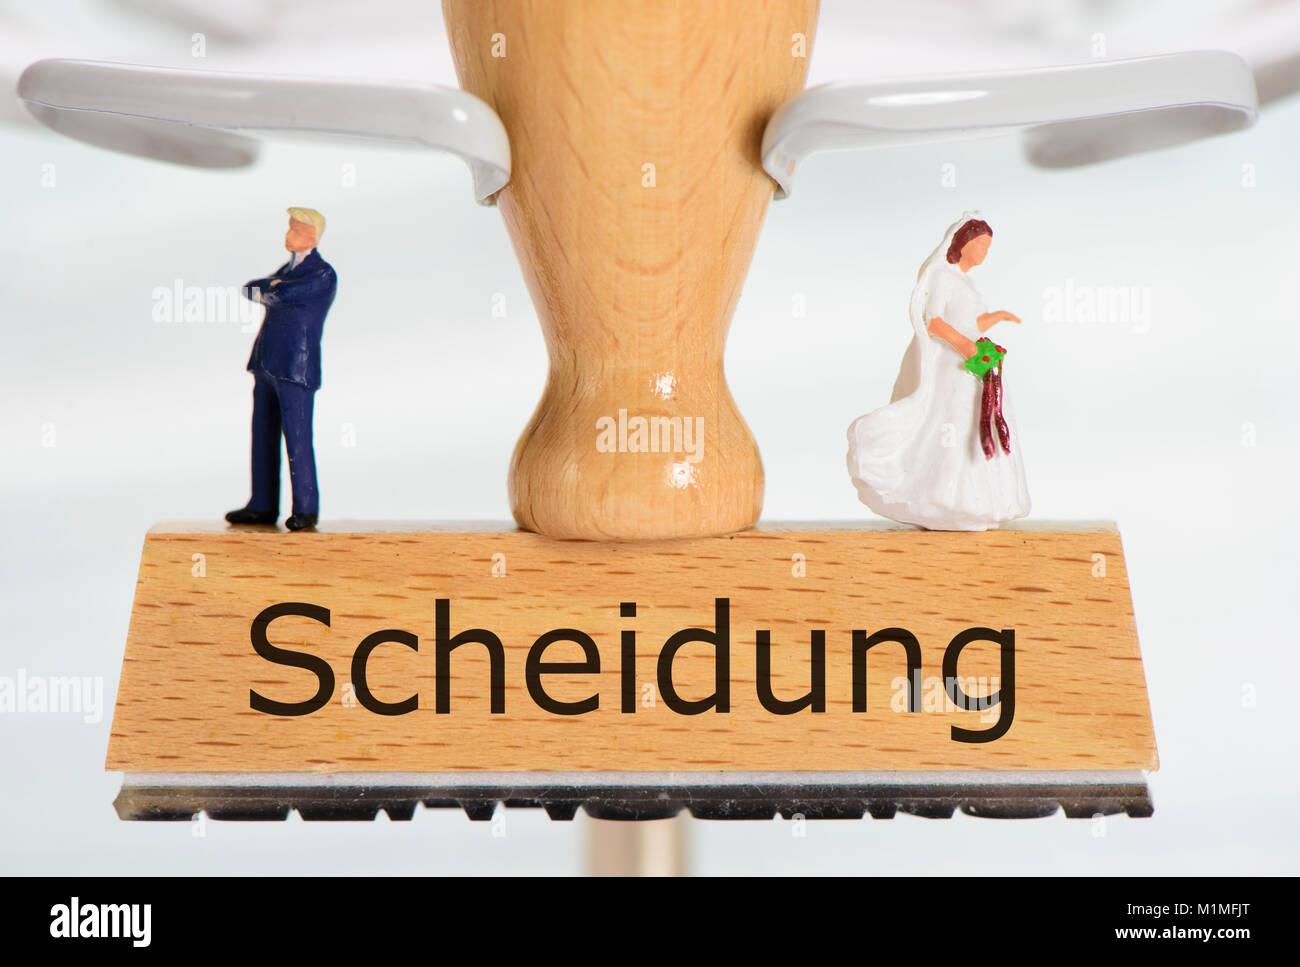 Scheidung gedruckt auf Stempel mit Ehepaar - Stock Image